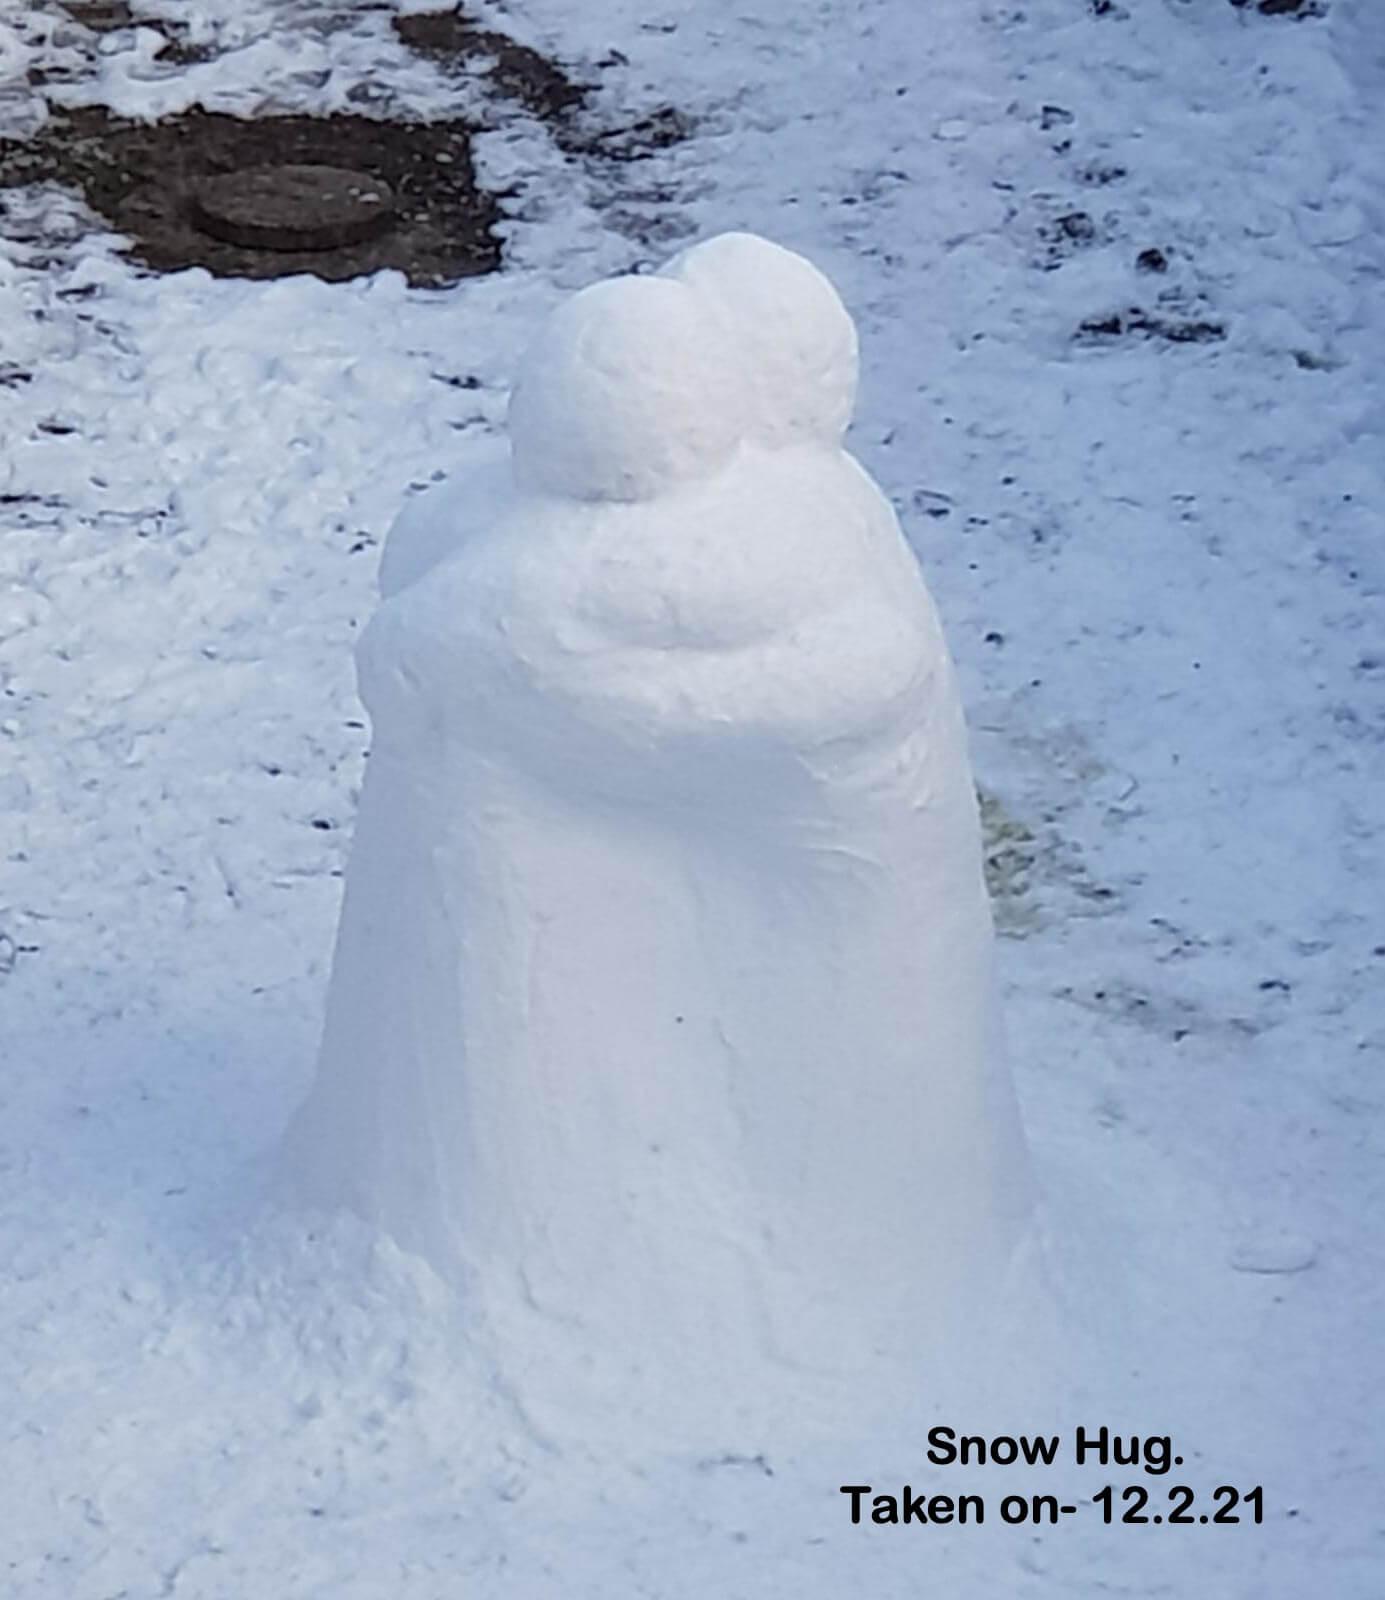 Snow Hug.